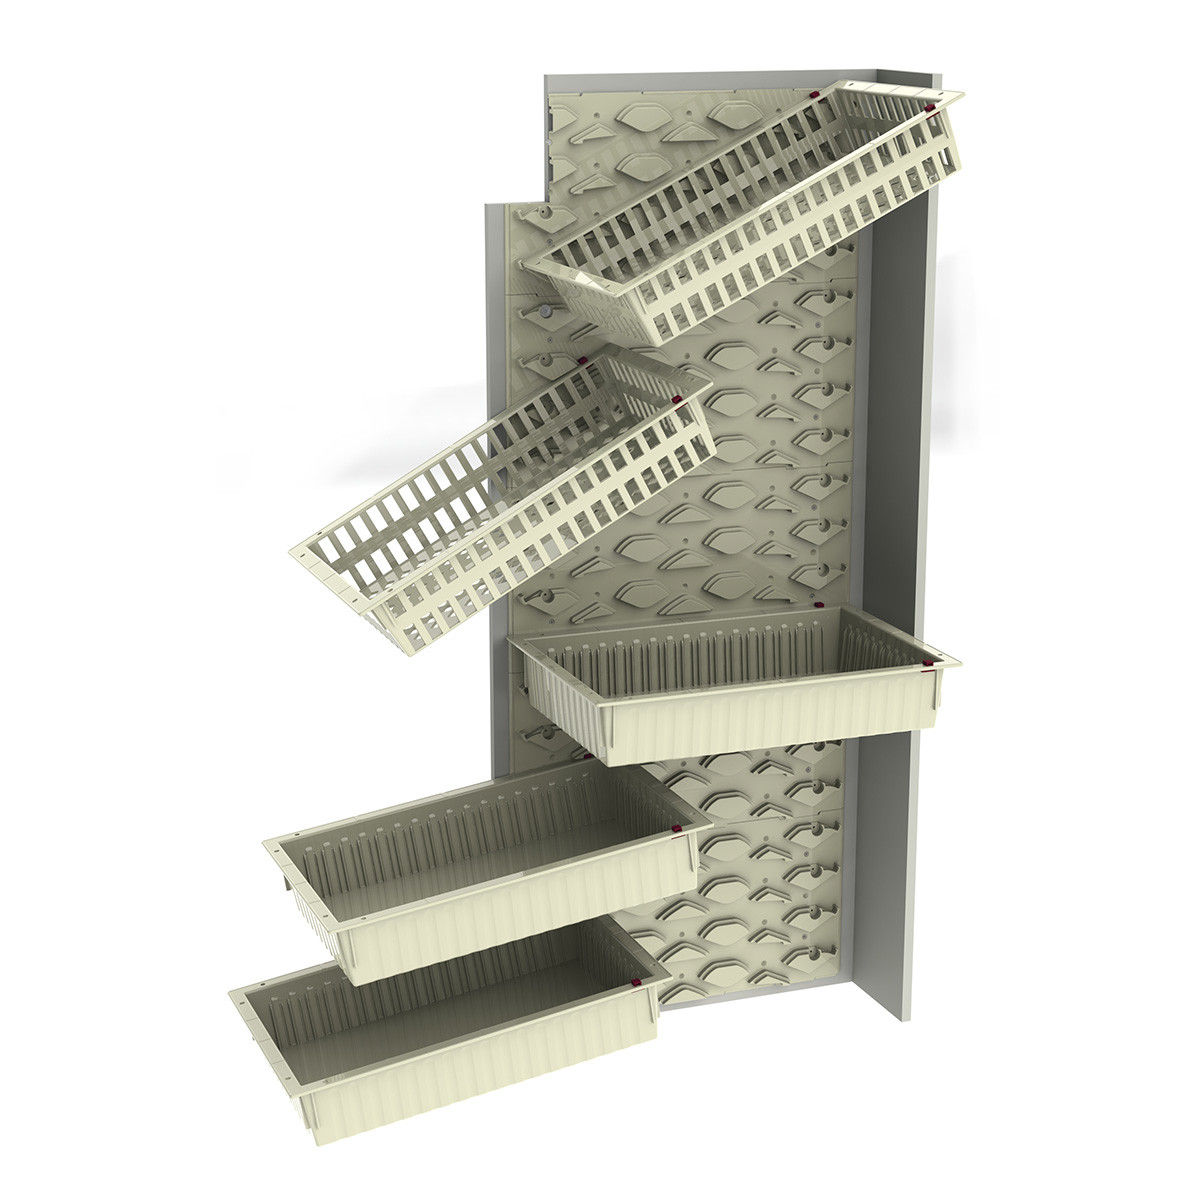 armoires-medicaments-panneaux-flex-01